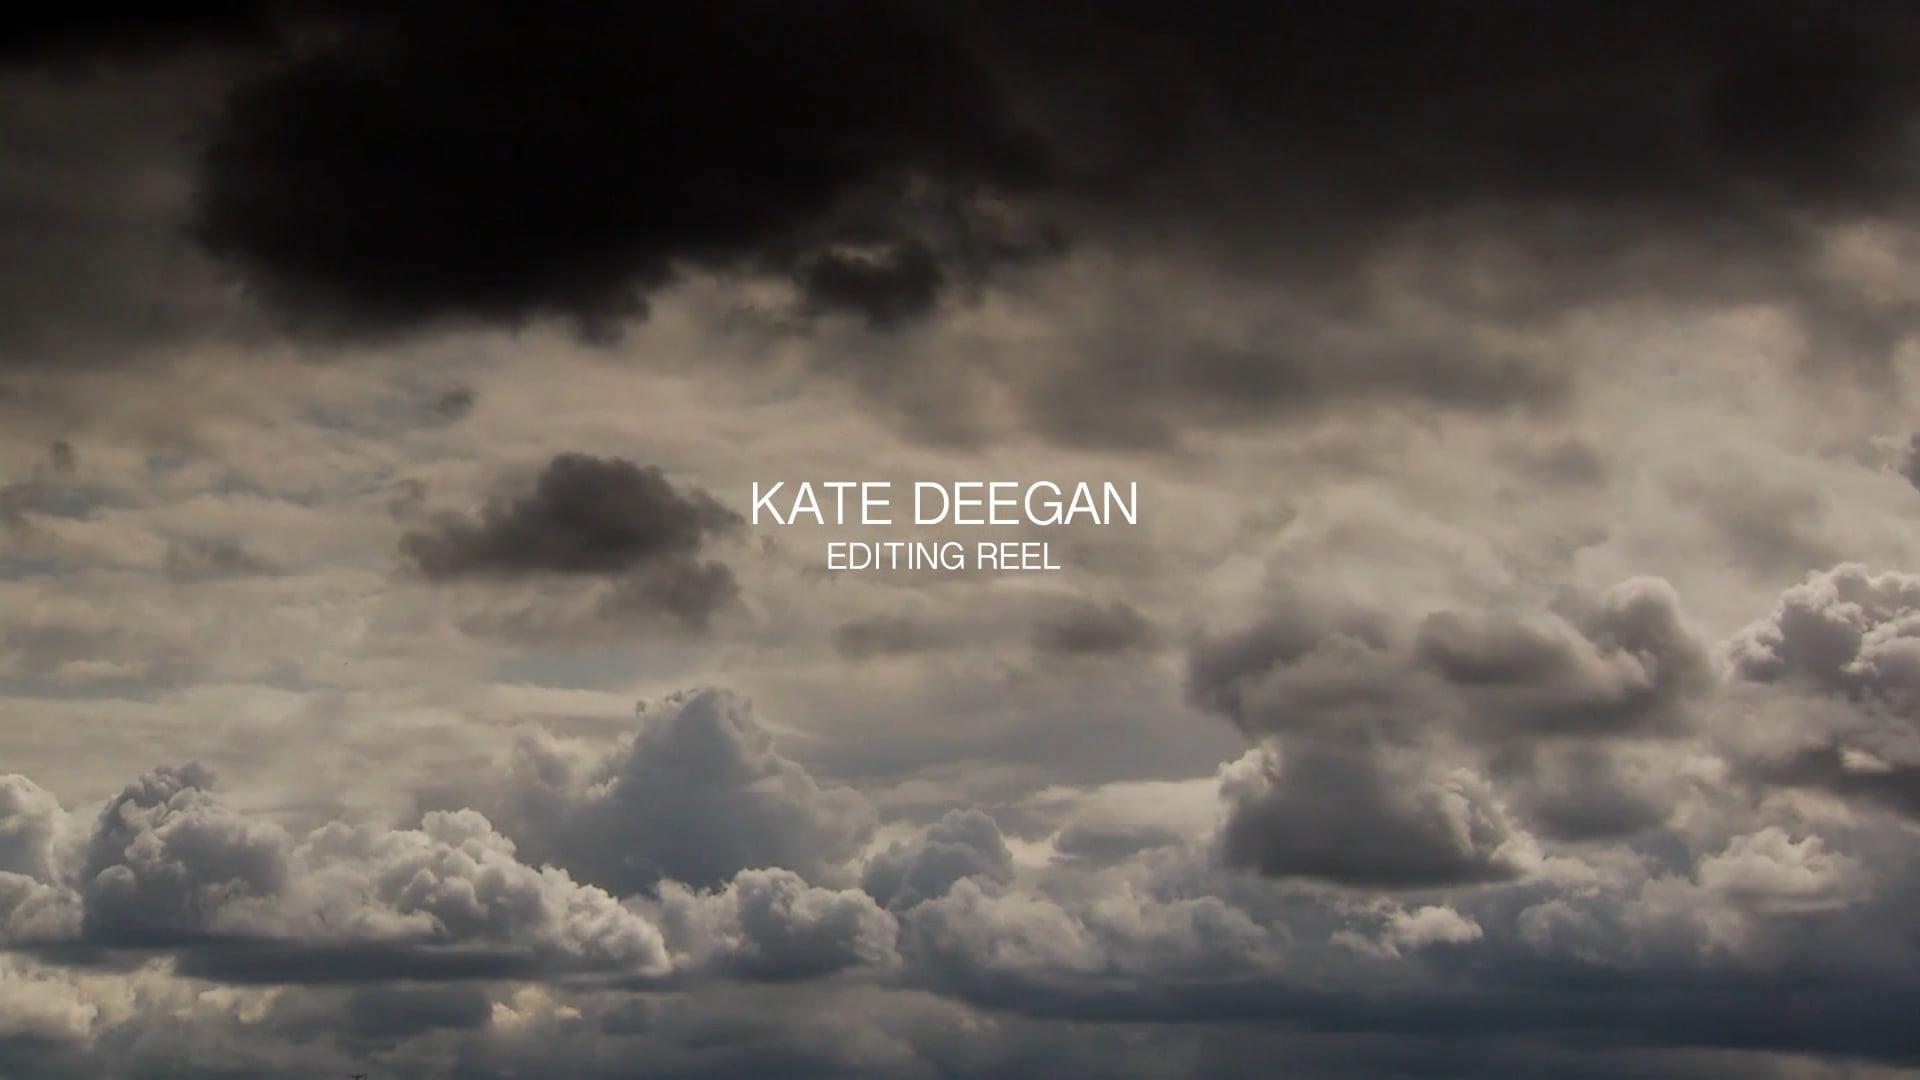 KATE DEEGAN - EDITING REEL